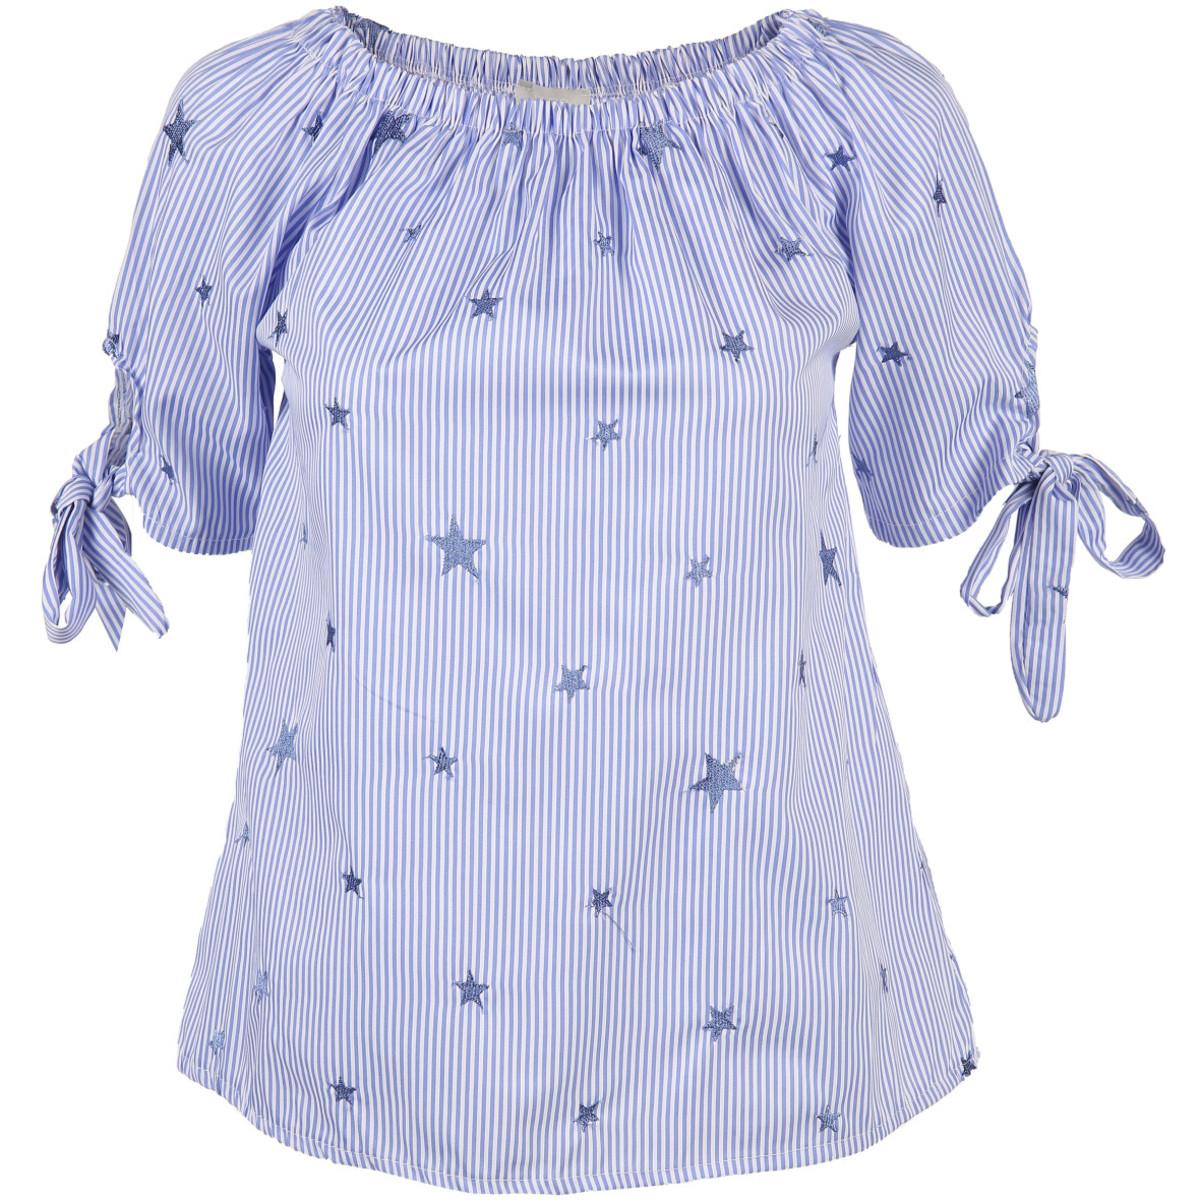 Bild 1 von Damen Carmenbluse mit aufgestickten Sternen